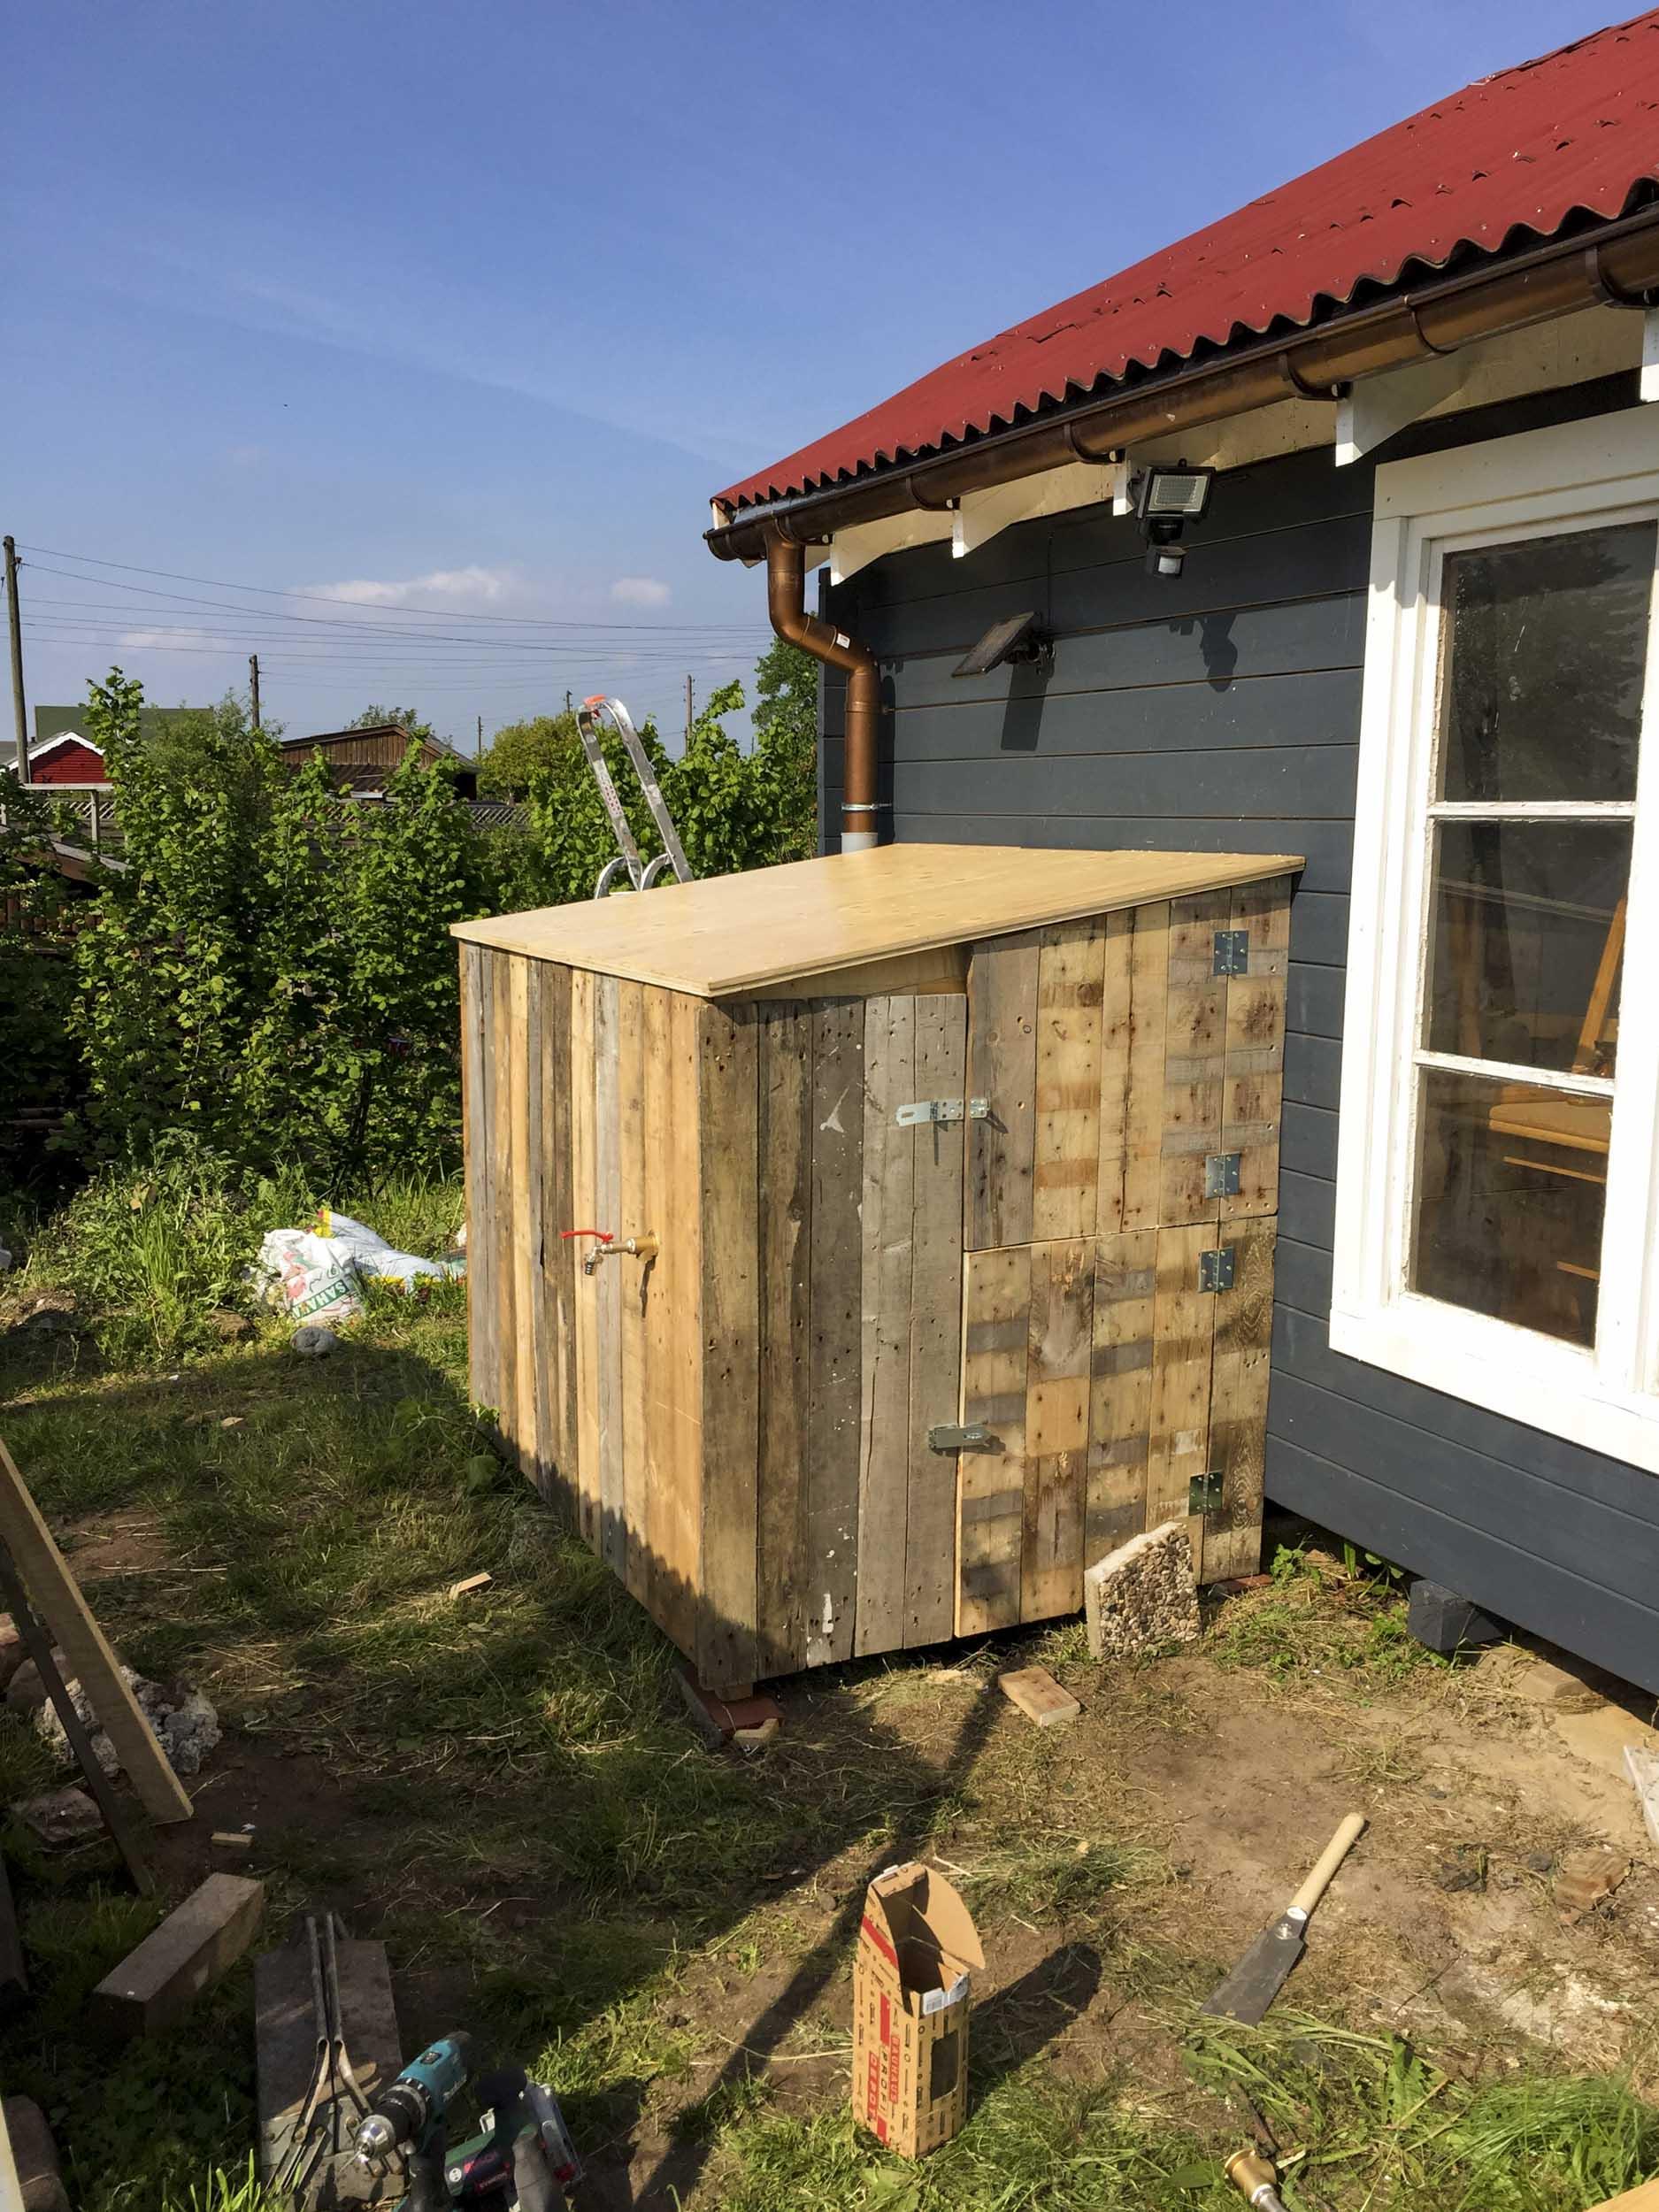 Extrem IBC-container-verkleiden-rahmen-wand-deckel – Ein Stück Arbeit YQ76